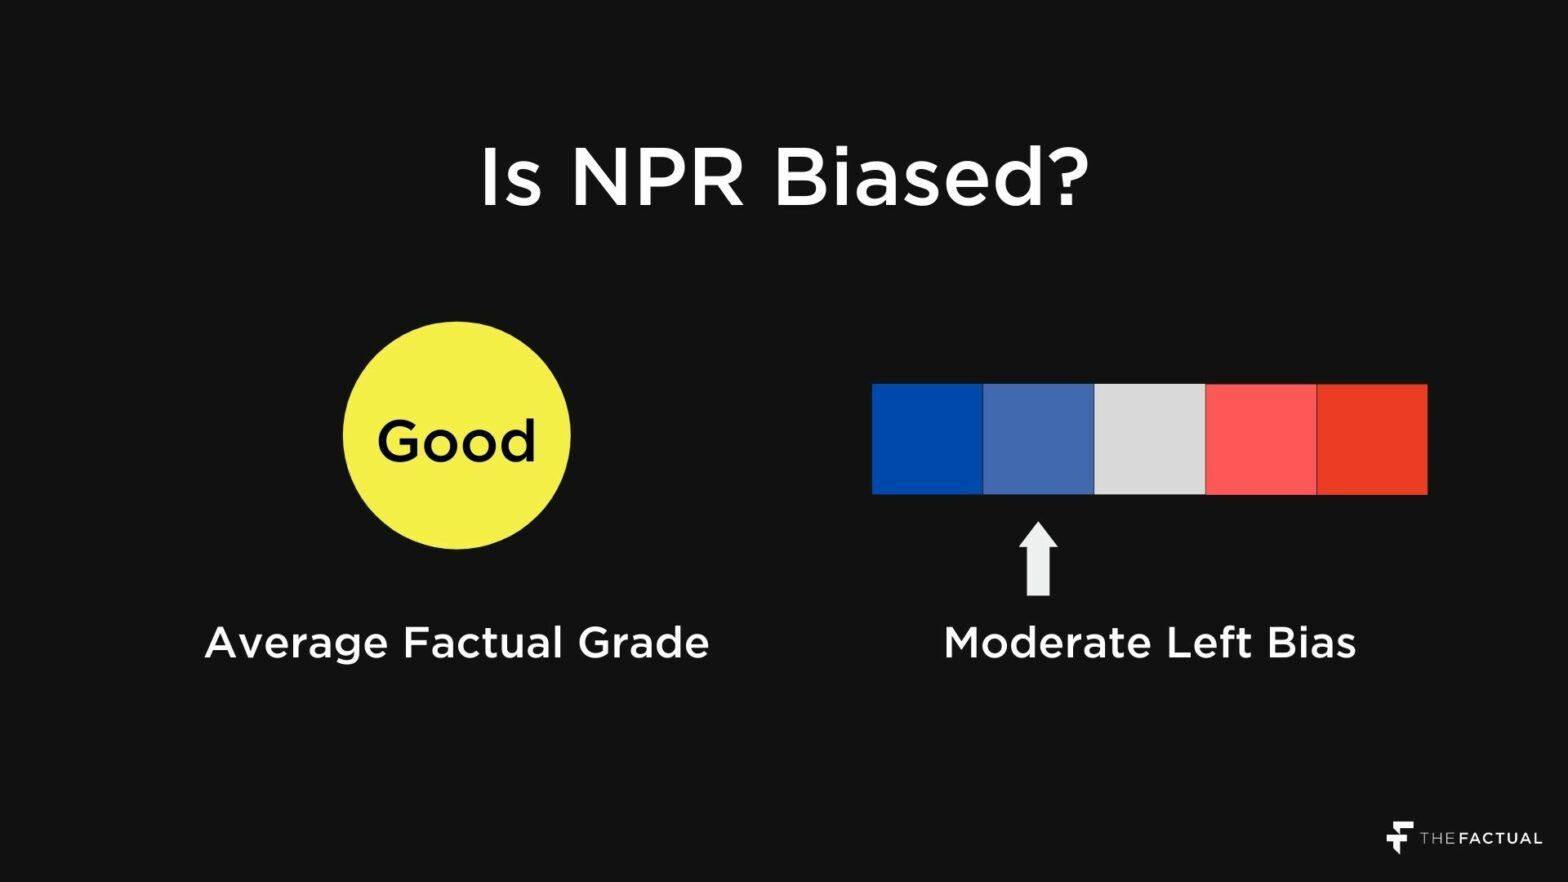 NPR Bias